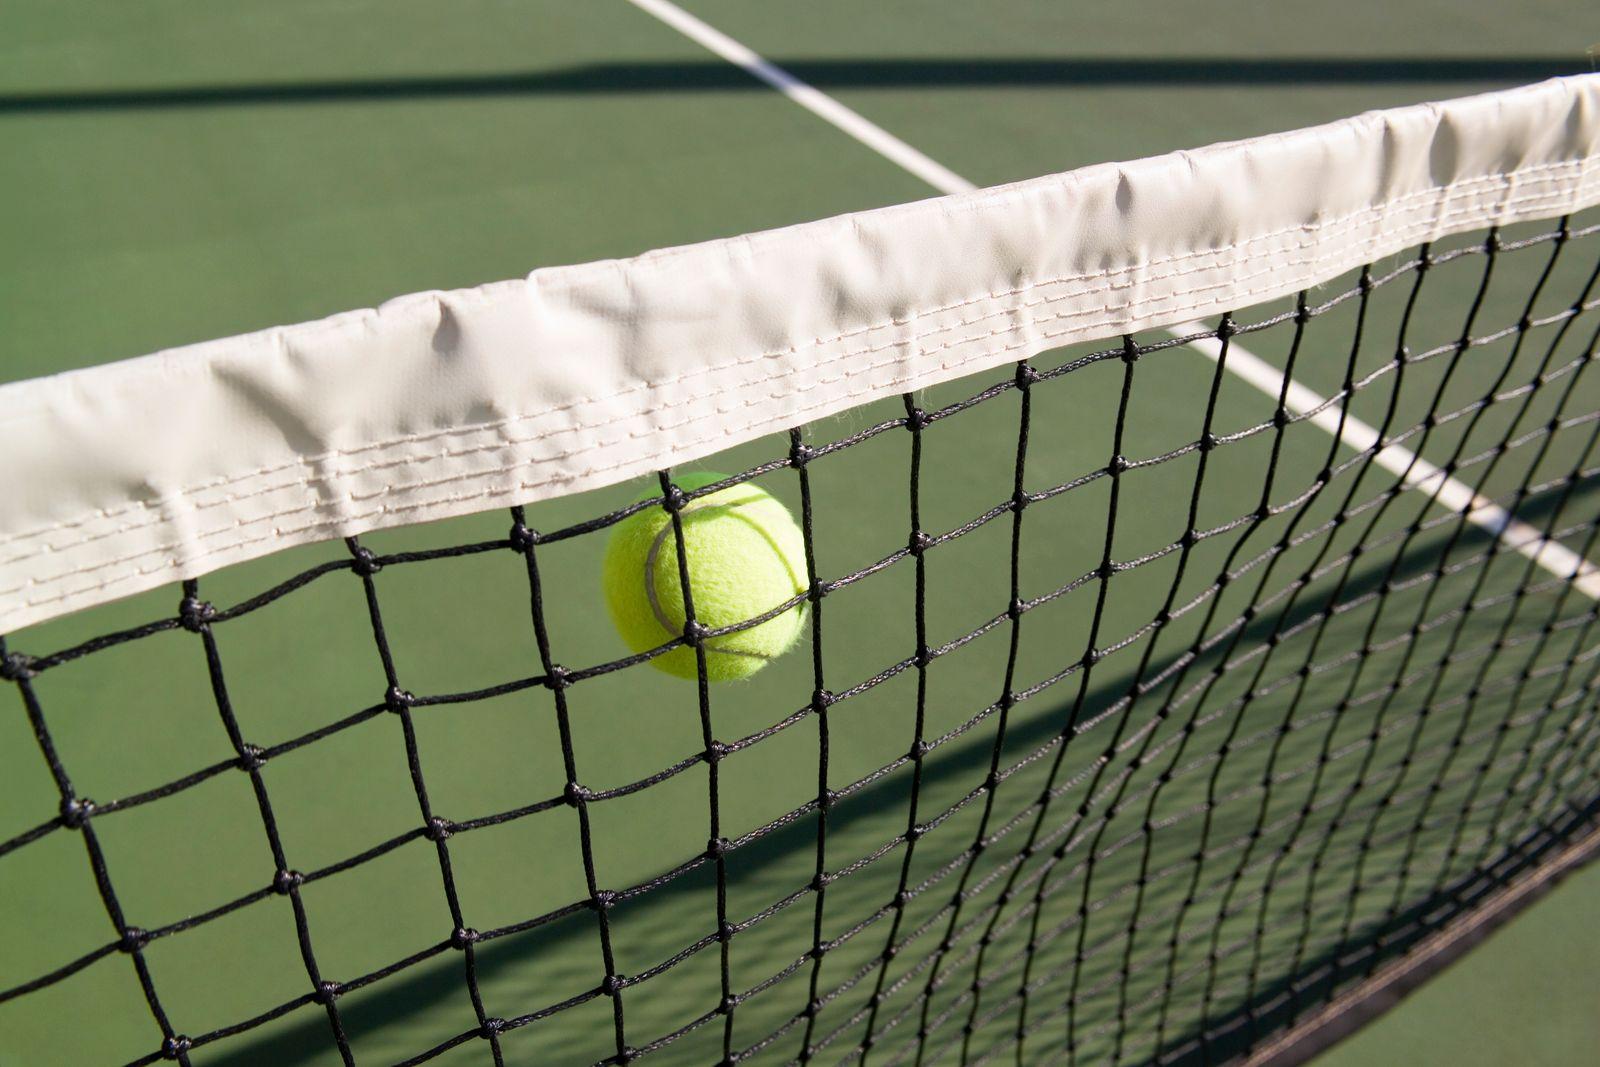 A tennis ball in mid-air next to a tennis net